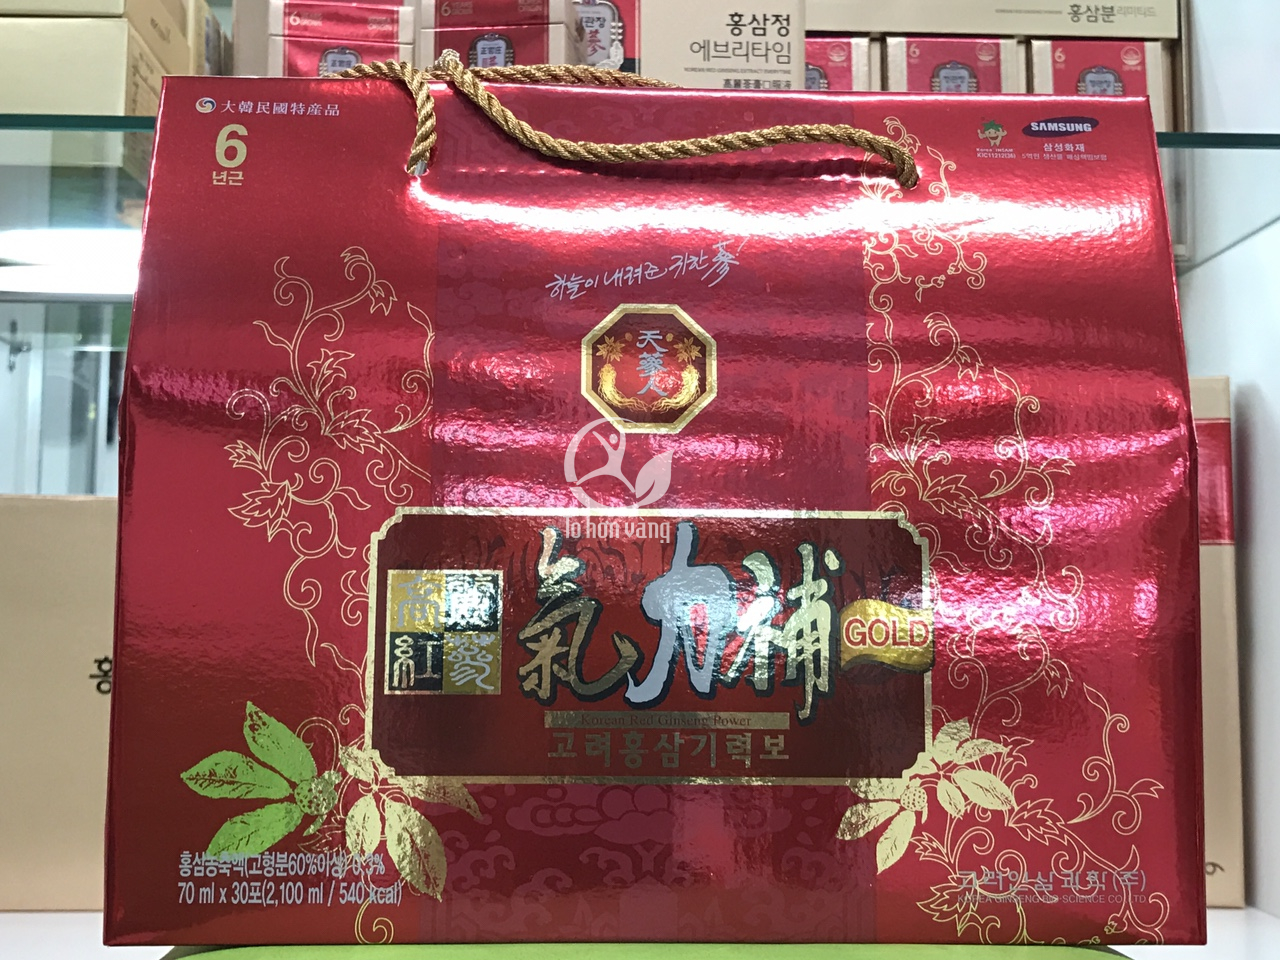 Hình ảnh hộp Nước hồng sâm 70ml x 30 gói BIO